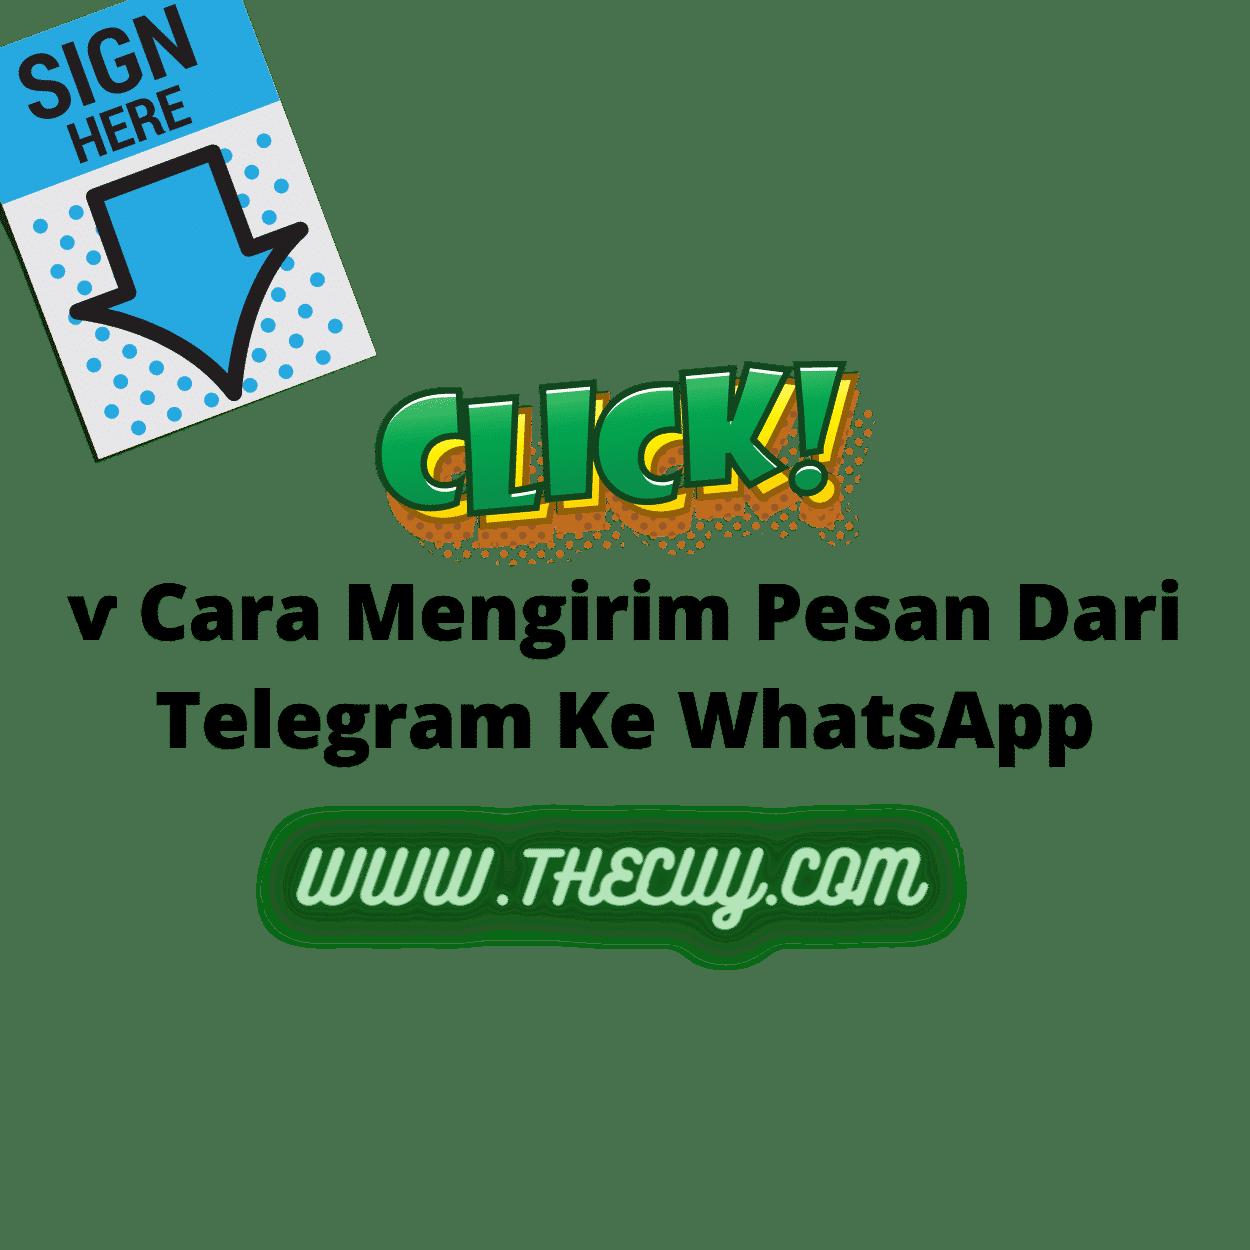 ѵ Cara Mengirim Pesan Dari Telegram Ke WhatsApp